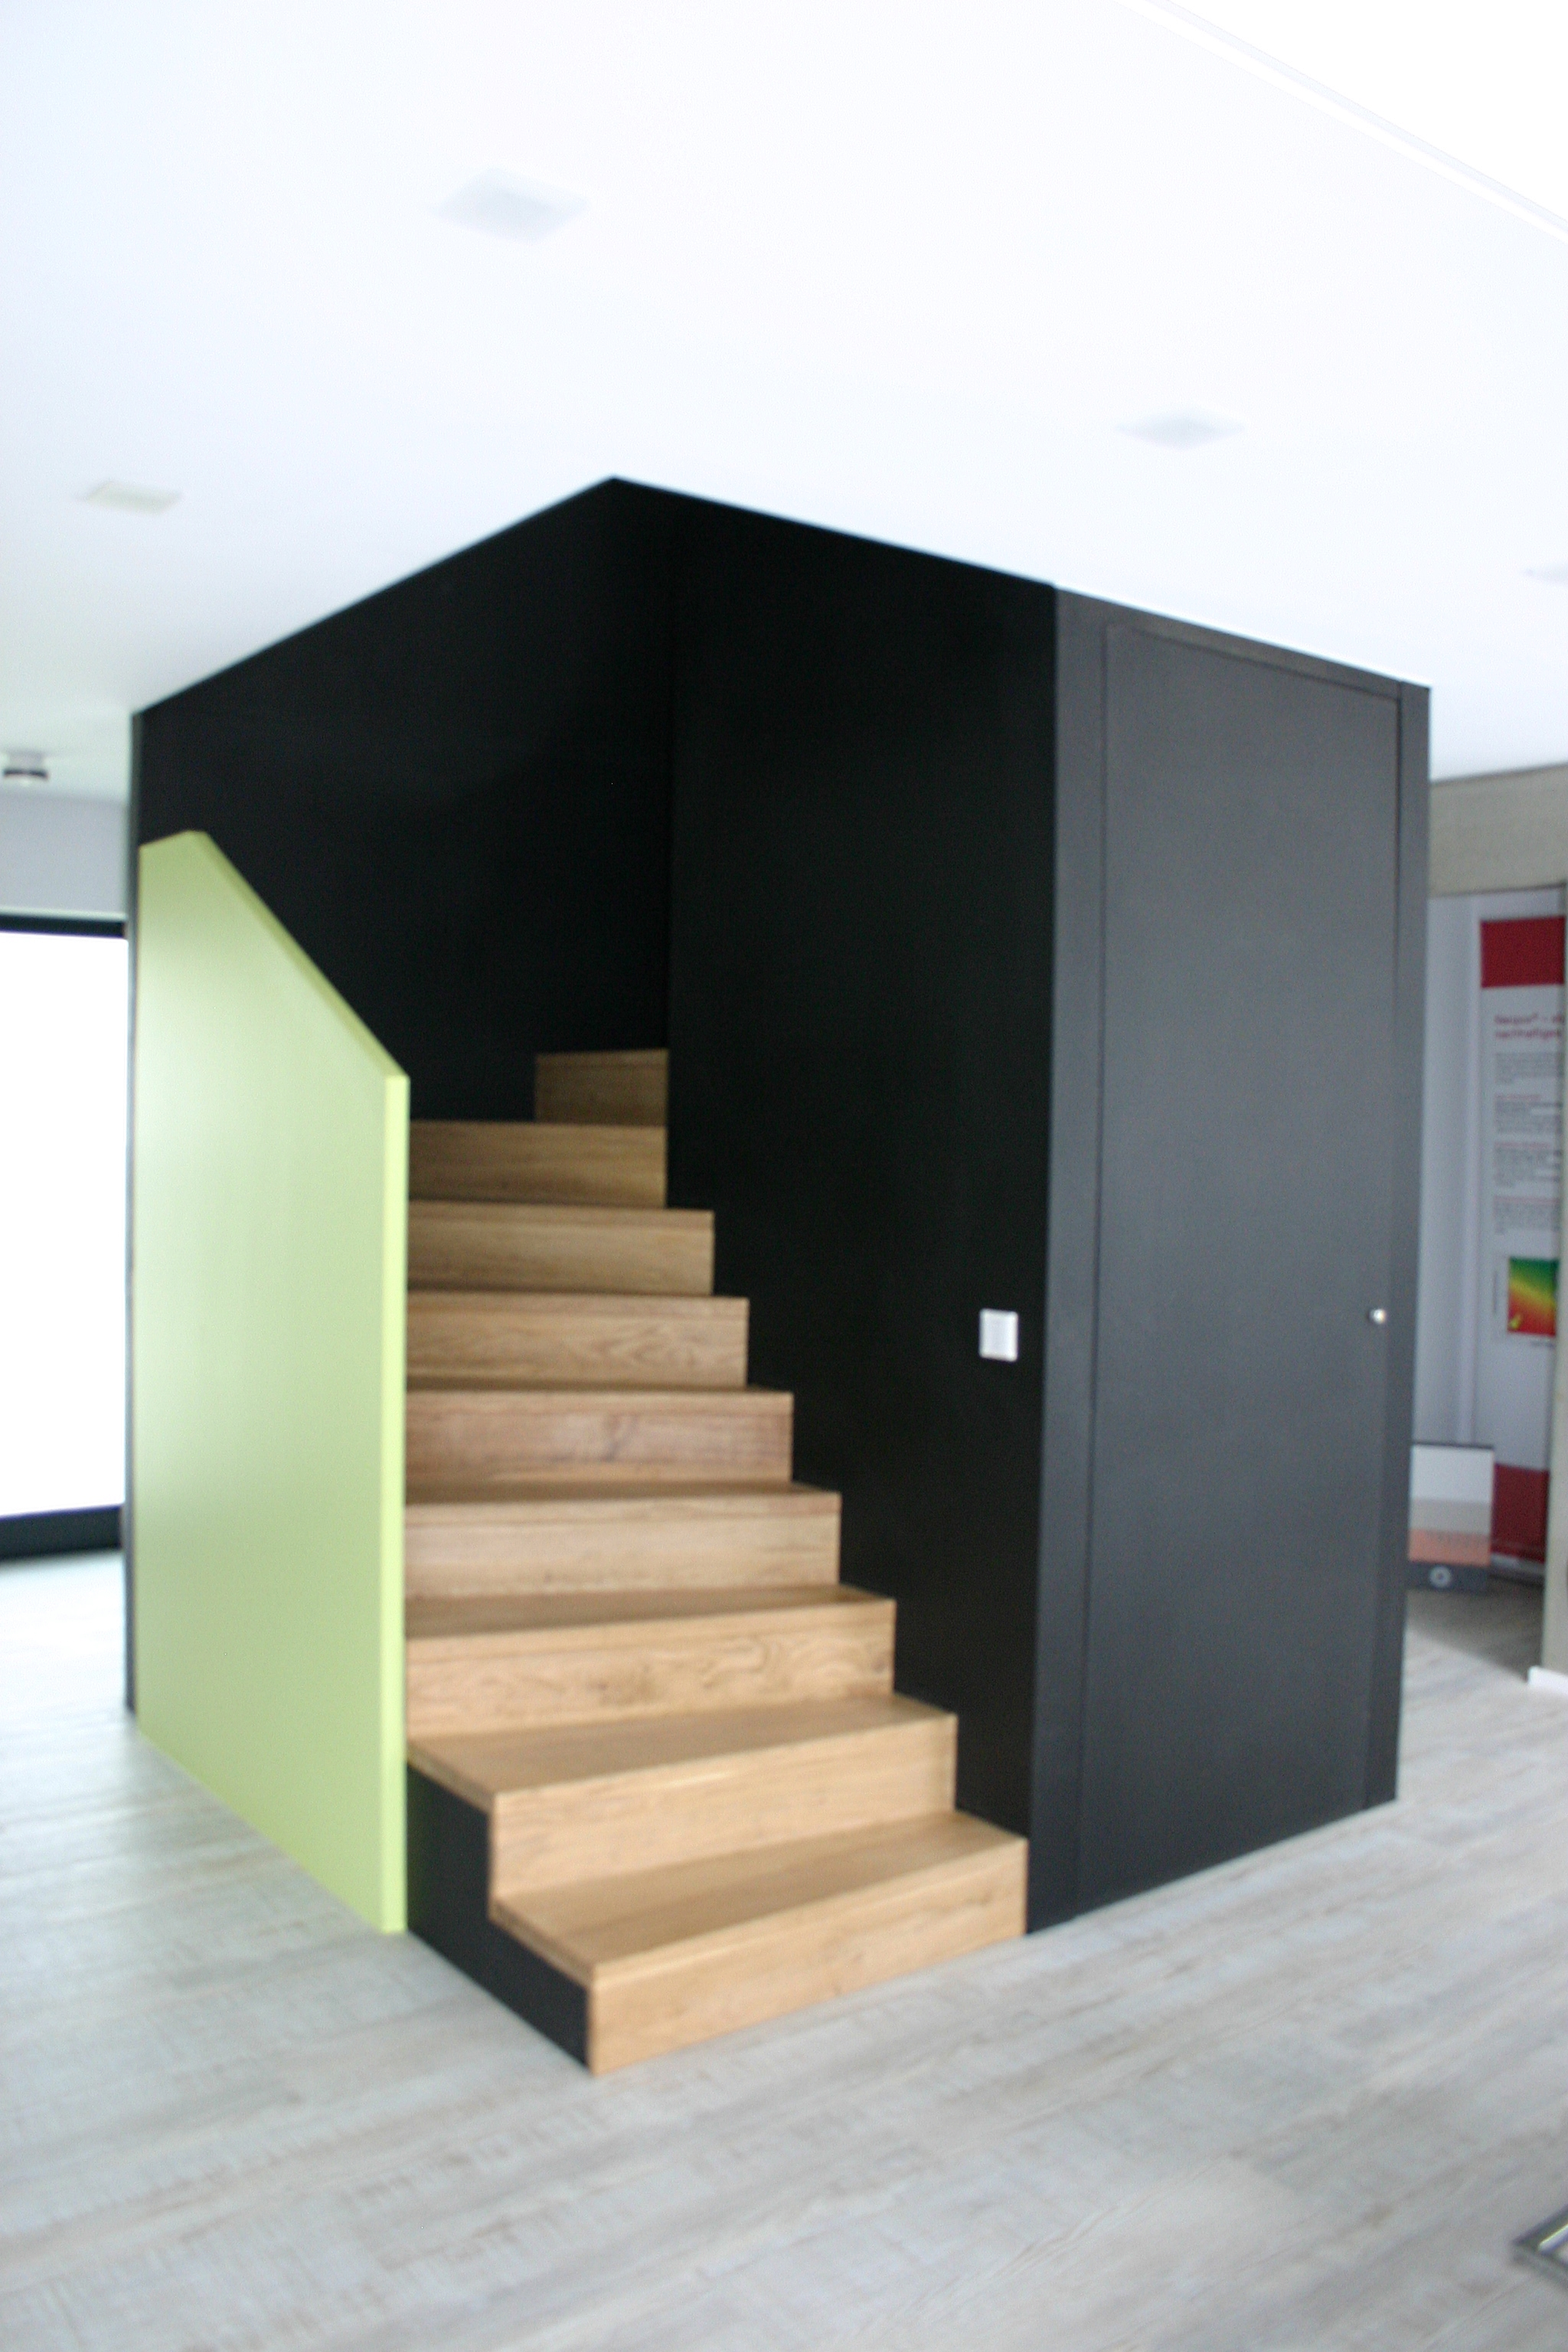 Treppenhaus mehrfamilienhaus modern  ungeWOHNliche Häuser Archive - Seite 2 von 4 - ungeWOHNlich ...